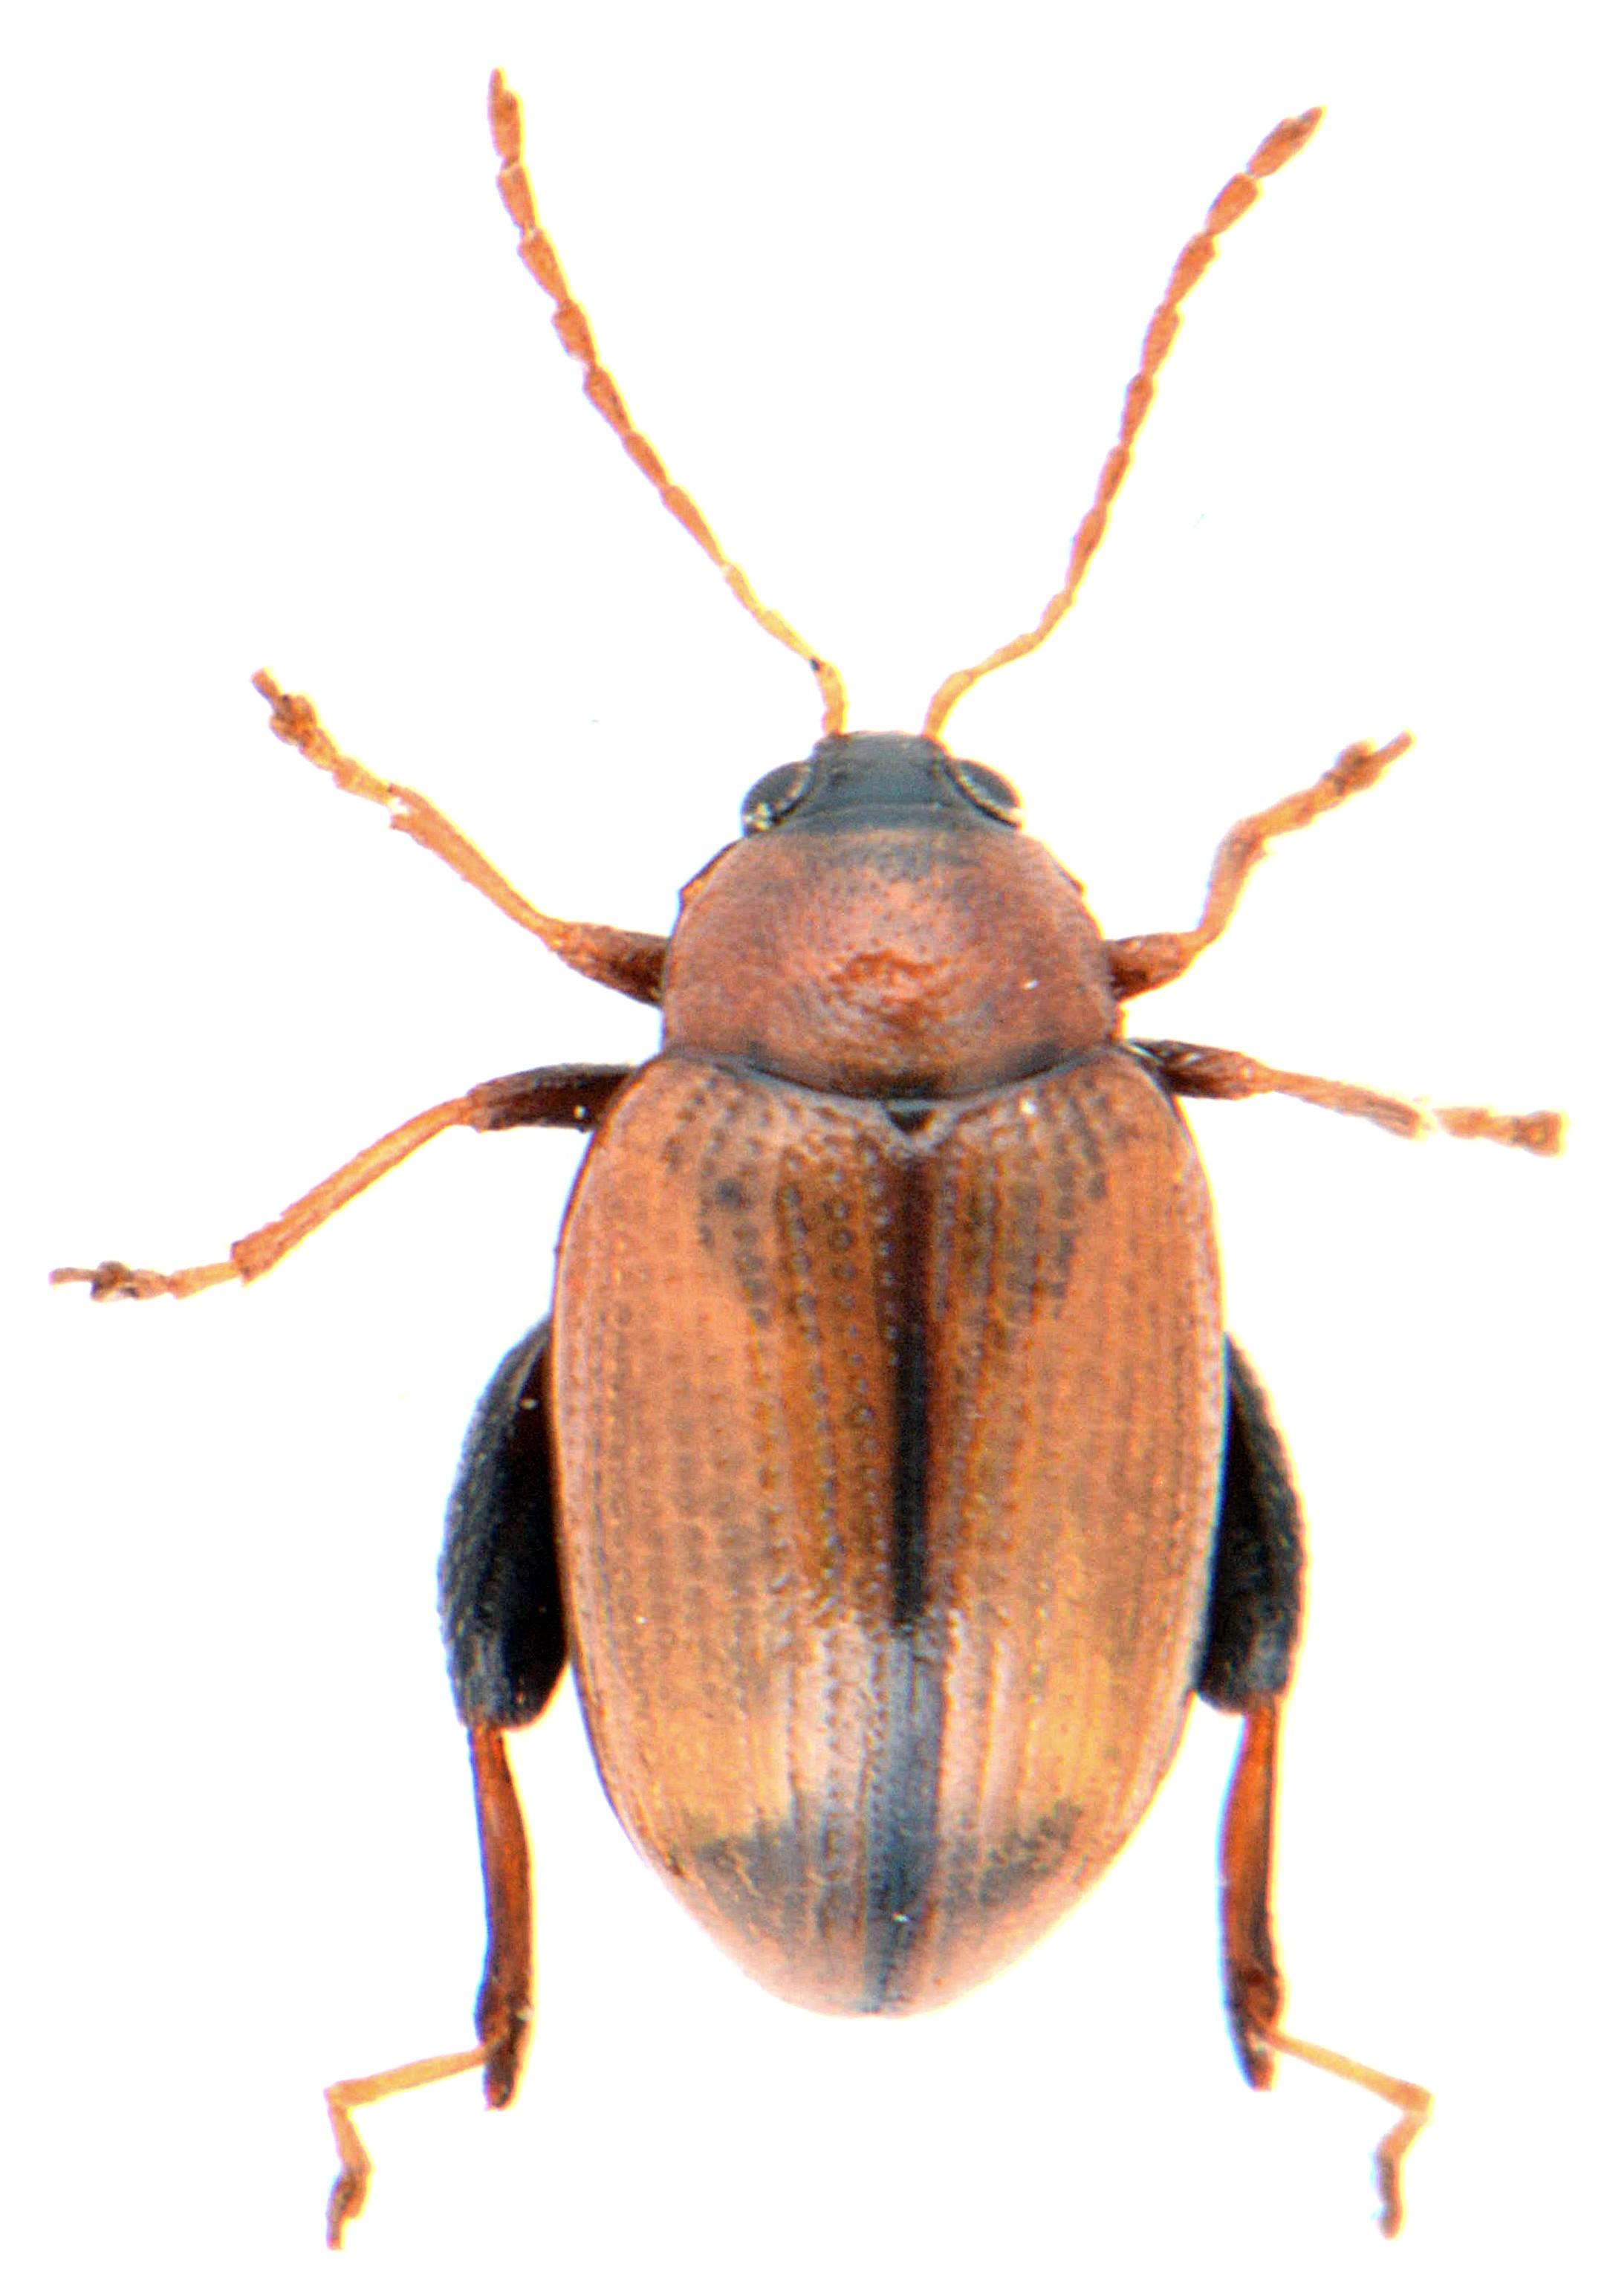 Psylliodes affinis